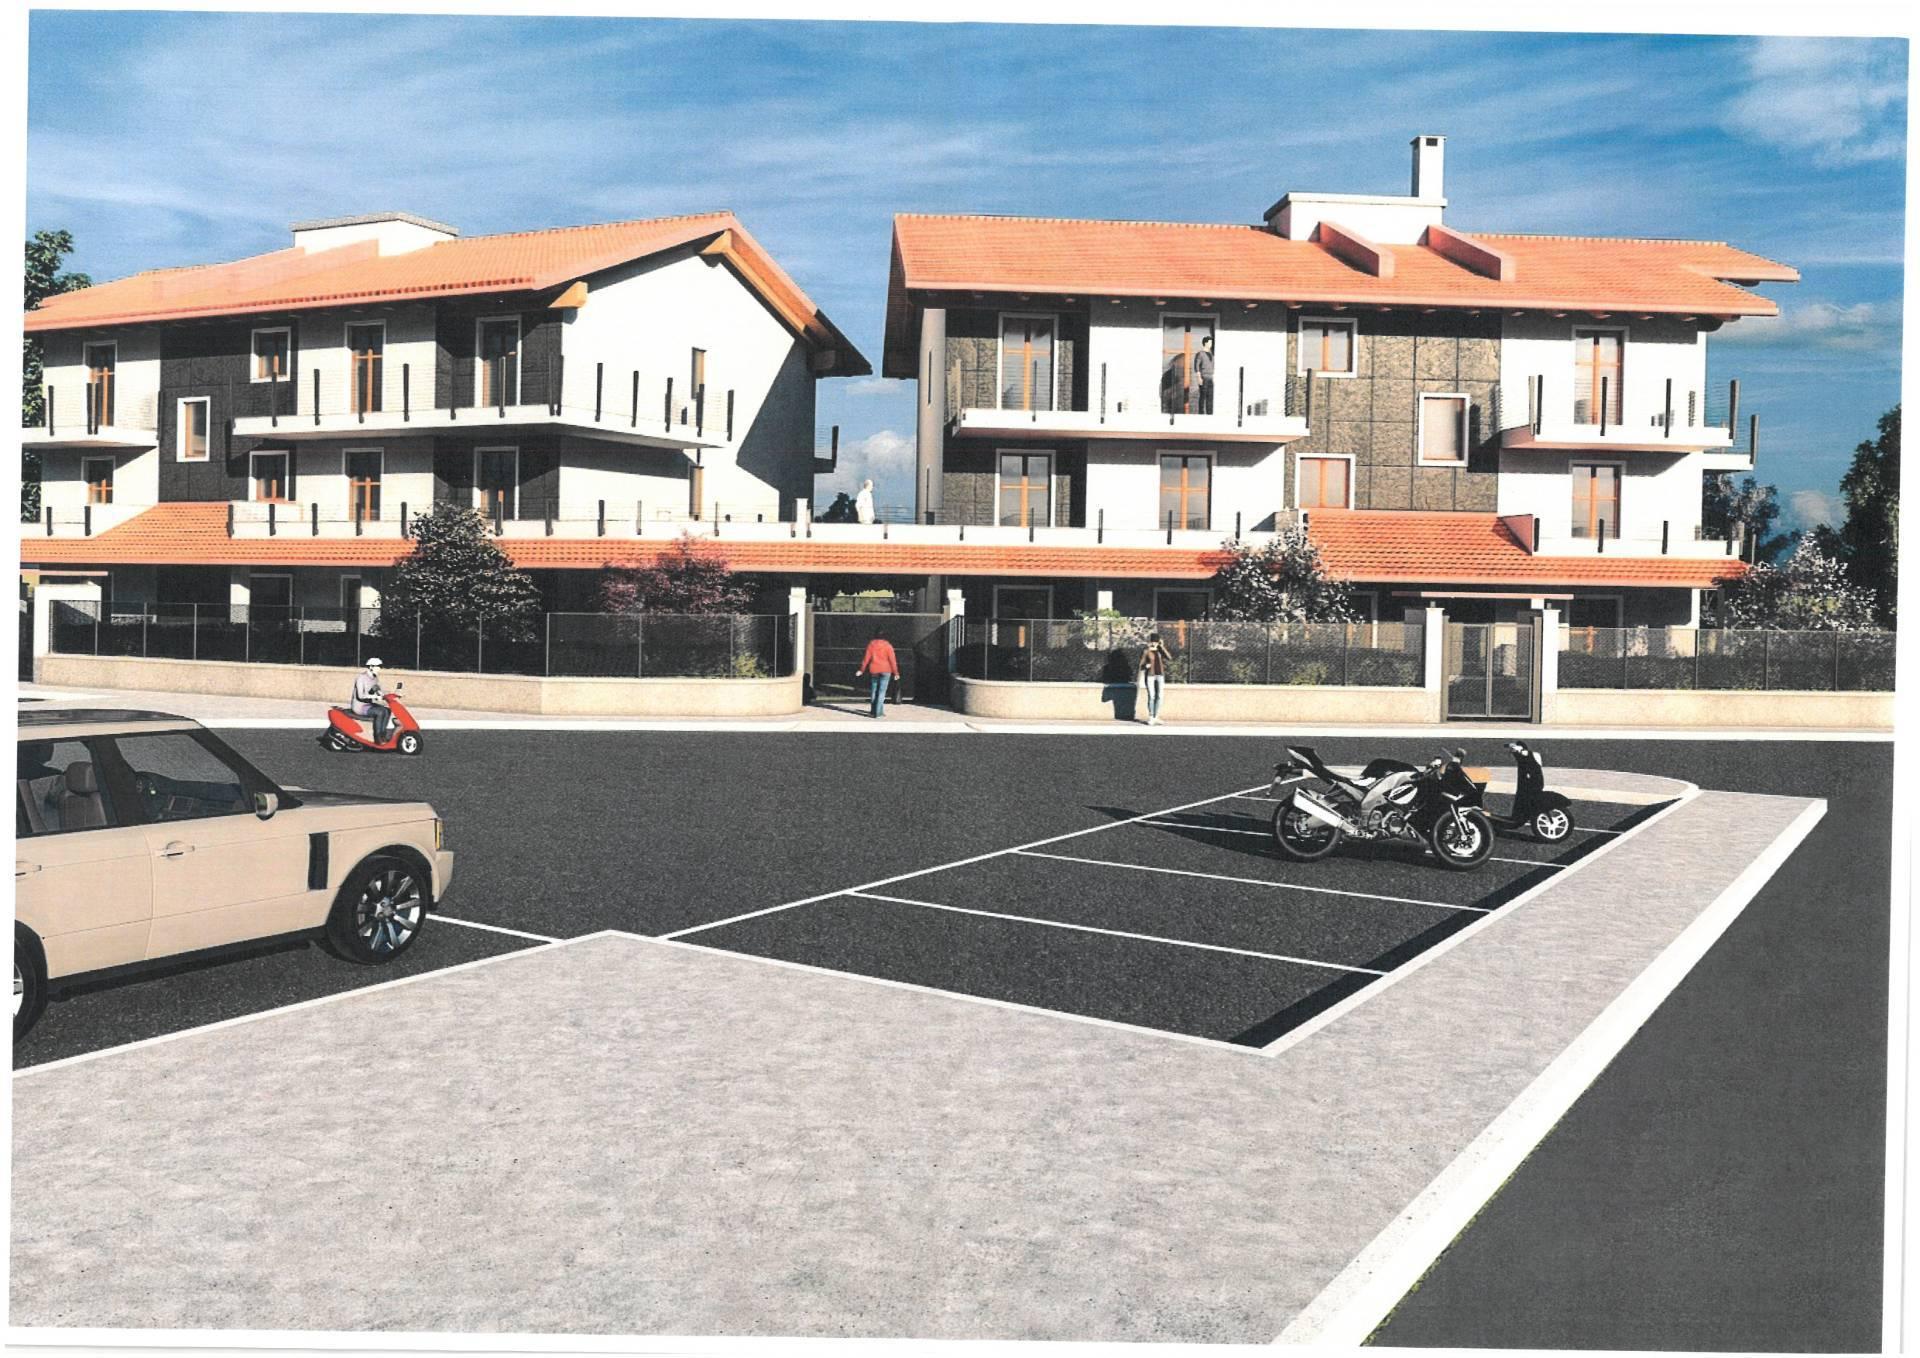 Appartamento in vendita a Grugliasco, 5 locali, zona Località: ParcoPorporati, prezzo € 310.000 | CambioCasa.it